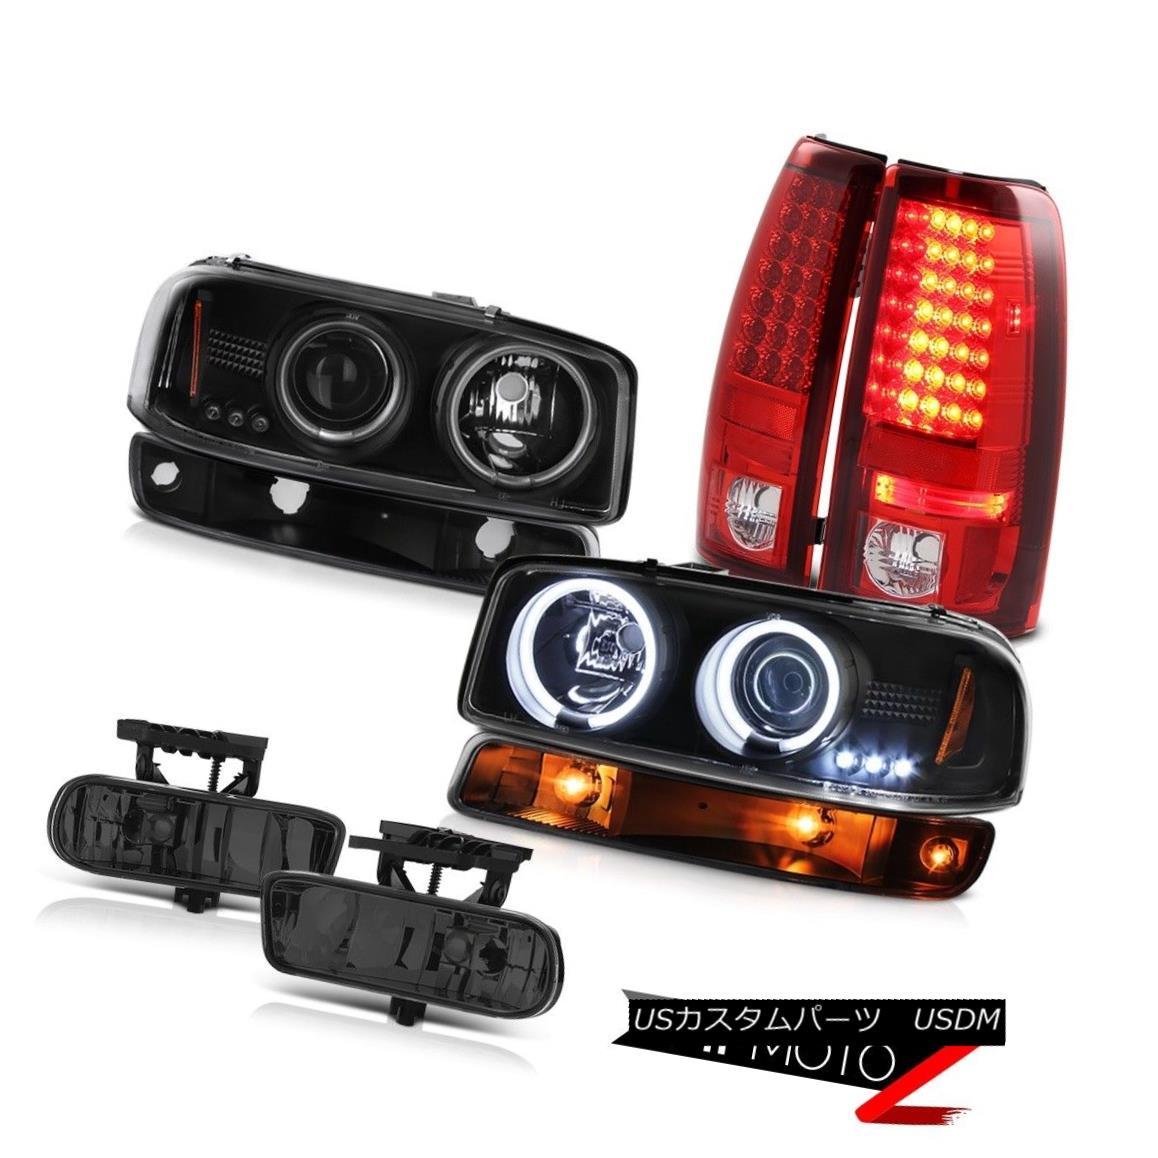 ヘッドライト 99-02 Sierra C3 Fog lamps bloody red led tail black parking lamp ccfl Headlights 99-02シエラC3フォグランプピュアレッドテールブラックパーキングランプccflヘッドライト画像